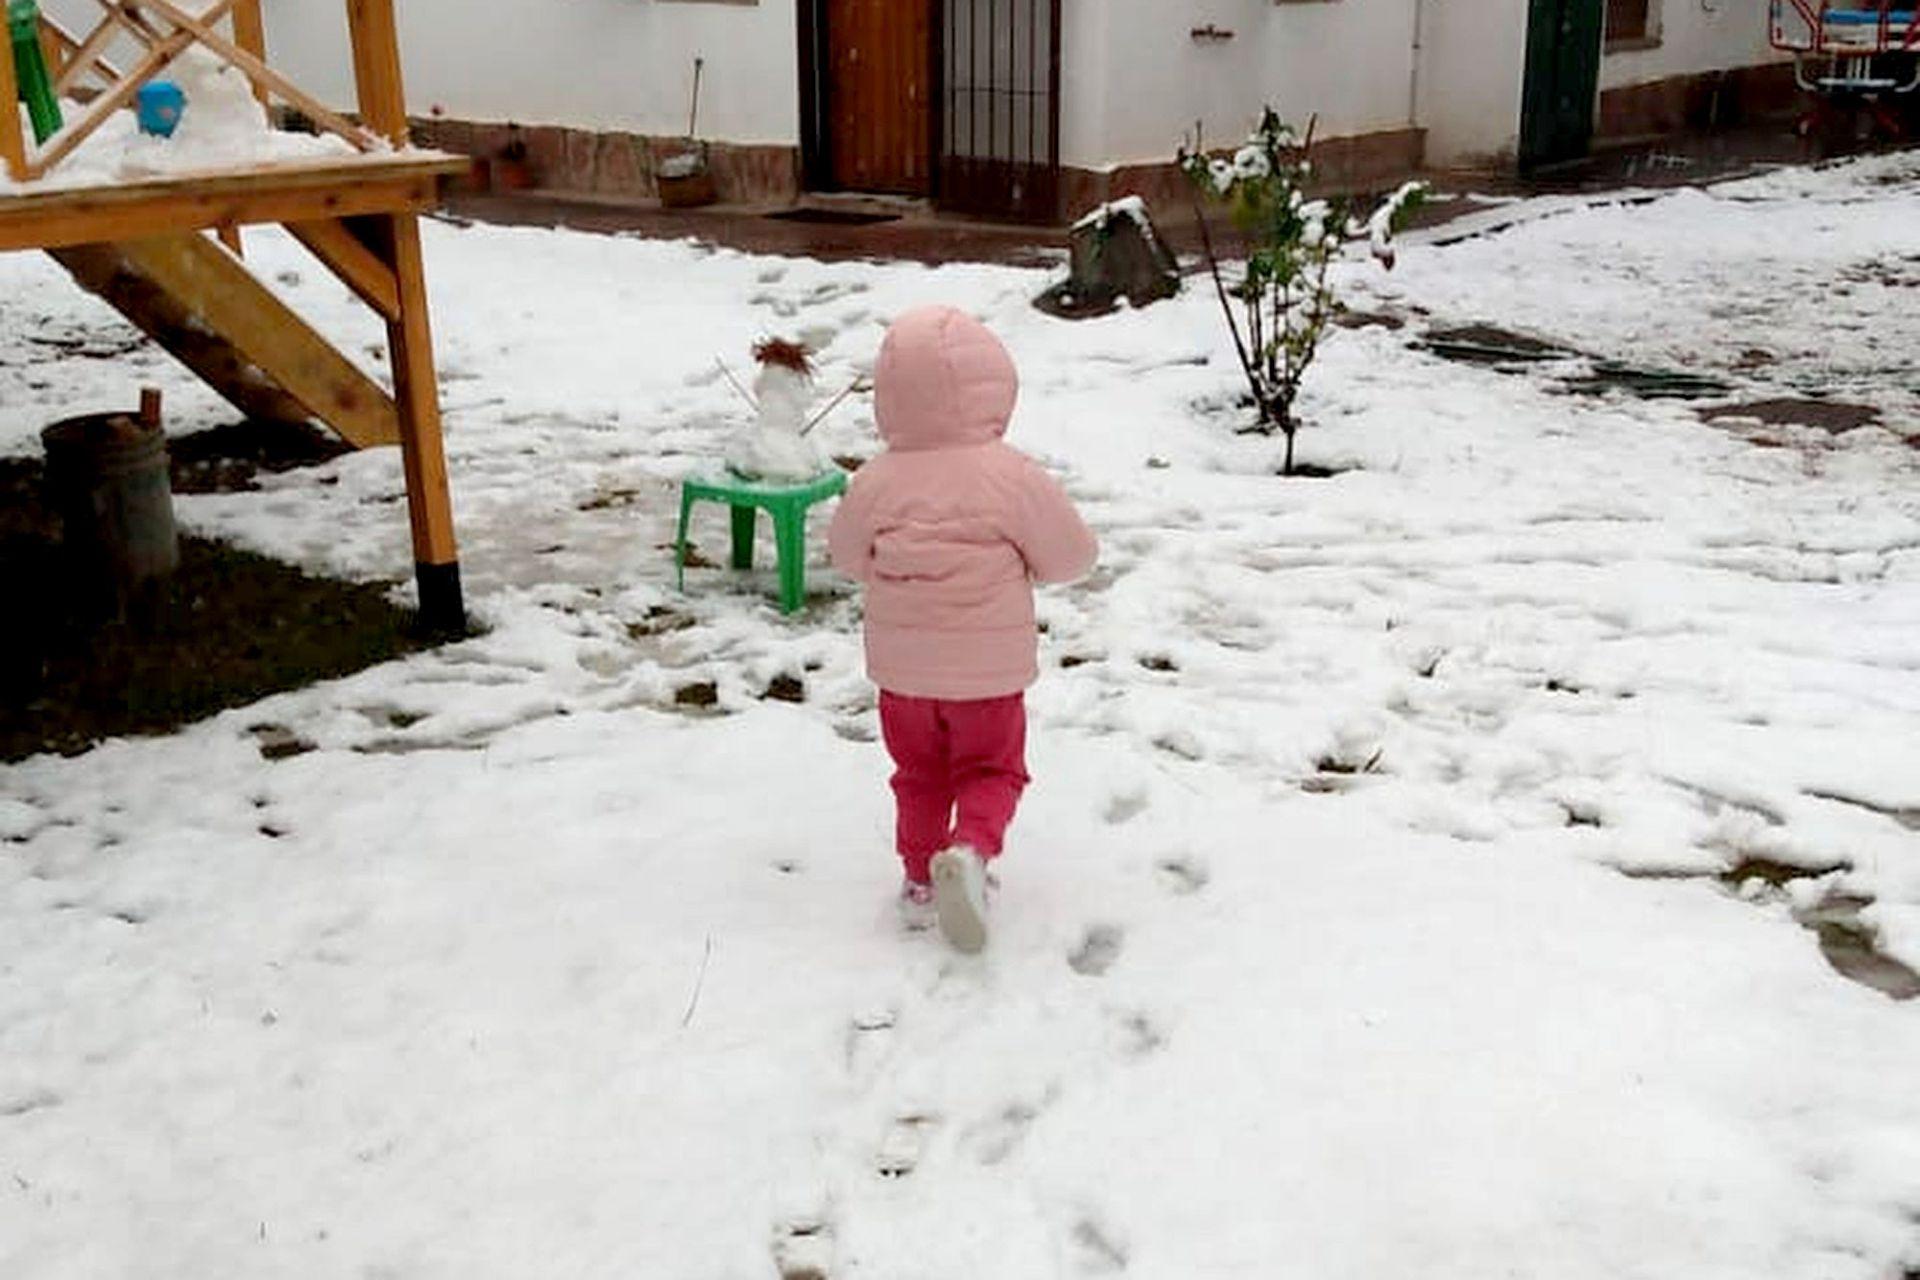 Una niña disfruta de la nieve en Río Ceballos